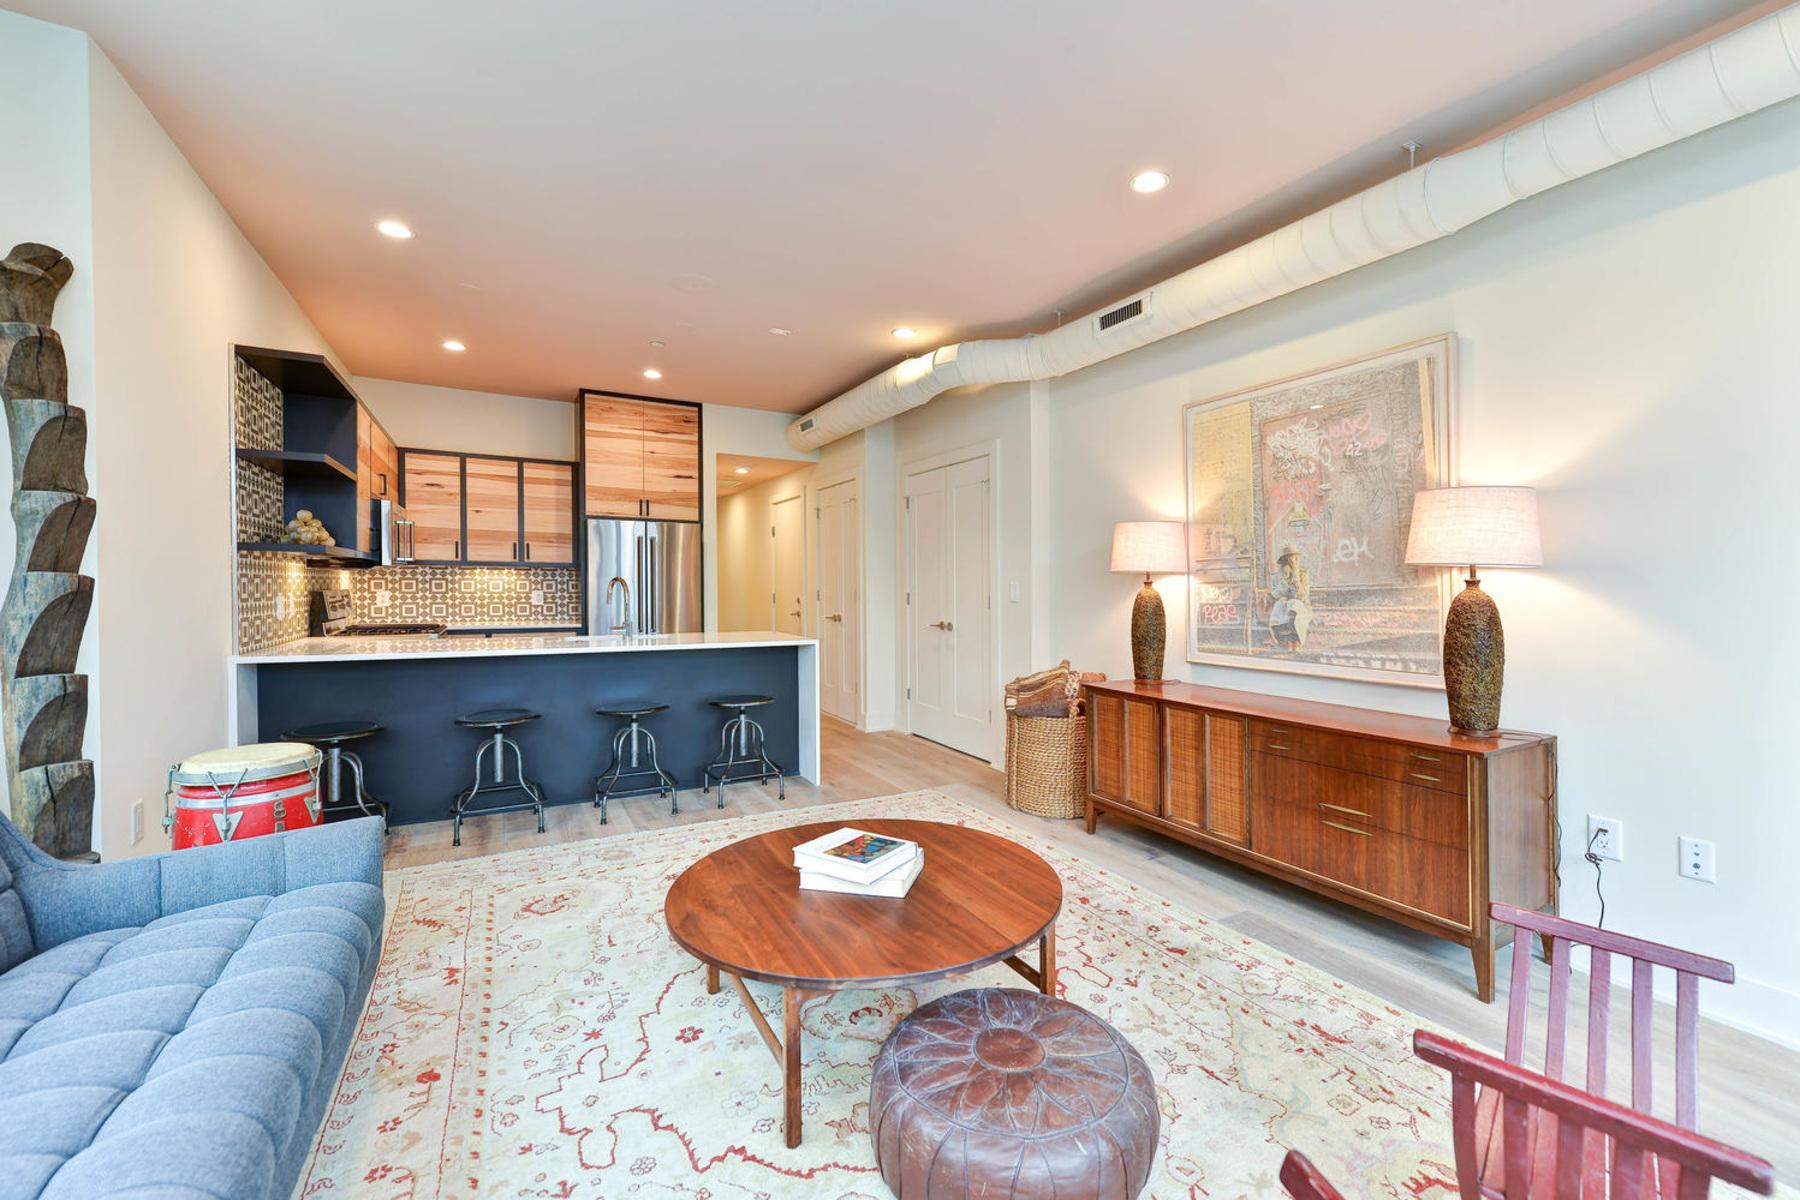 Nhà chung cư vì Bán tại 1012 Harvard Street Nw 4, Washington Washington, District Of Columbia, 20001 Hoa Kỳ